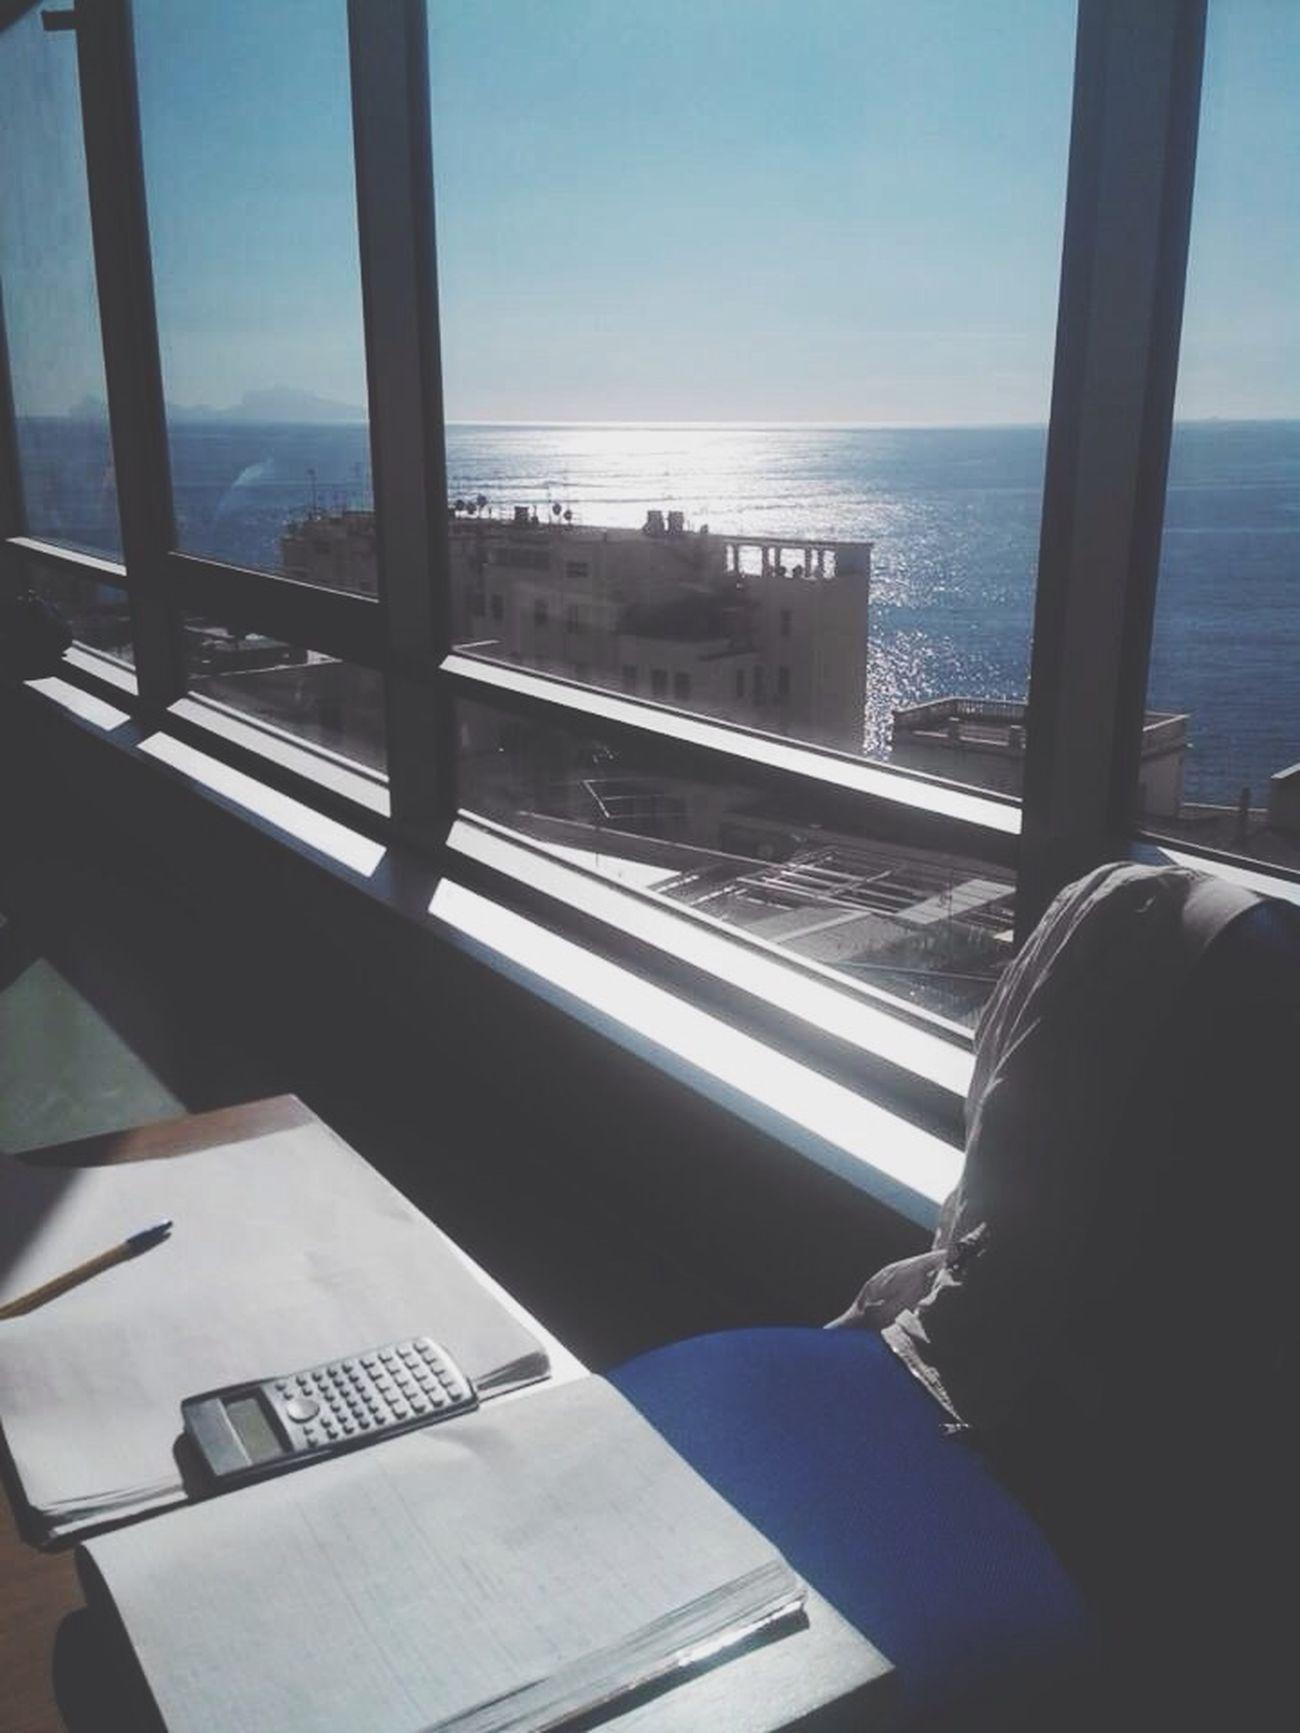 Studying Guy